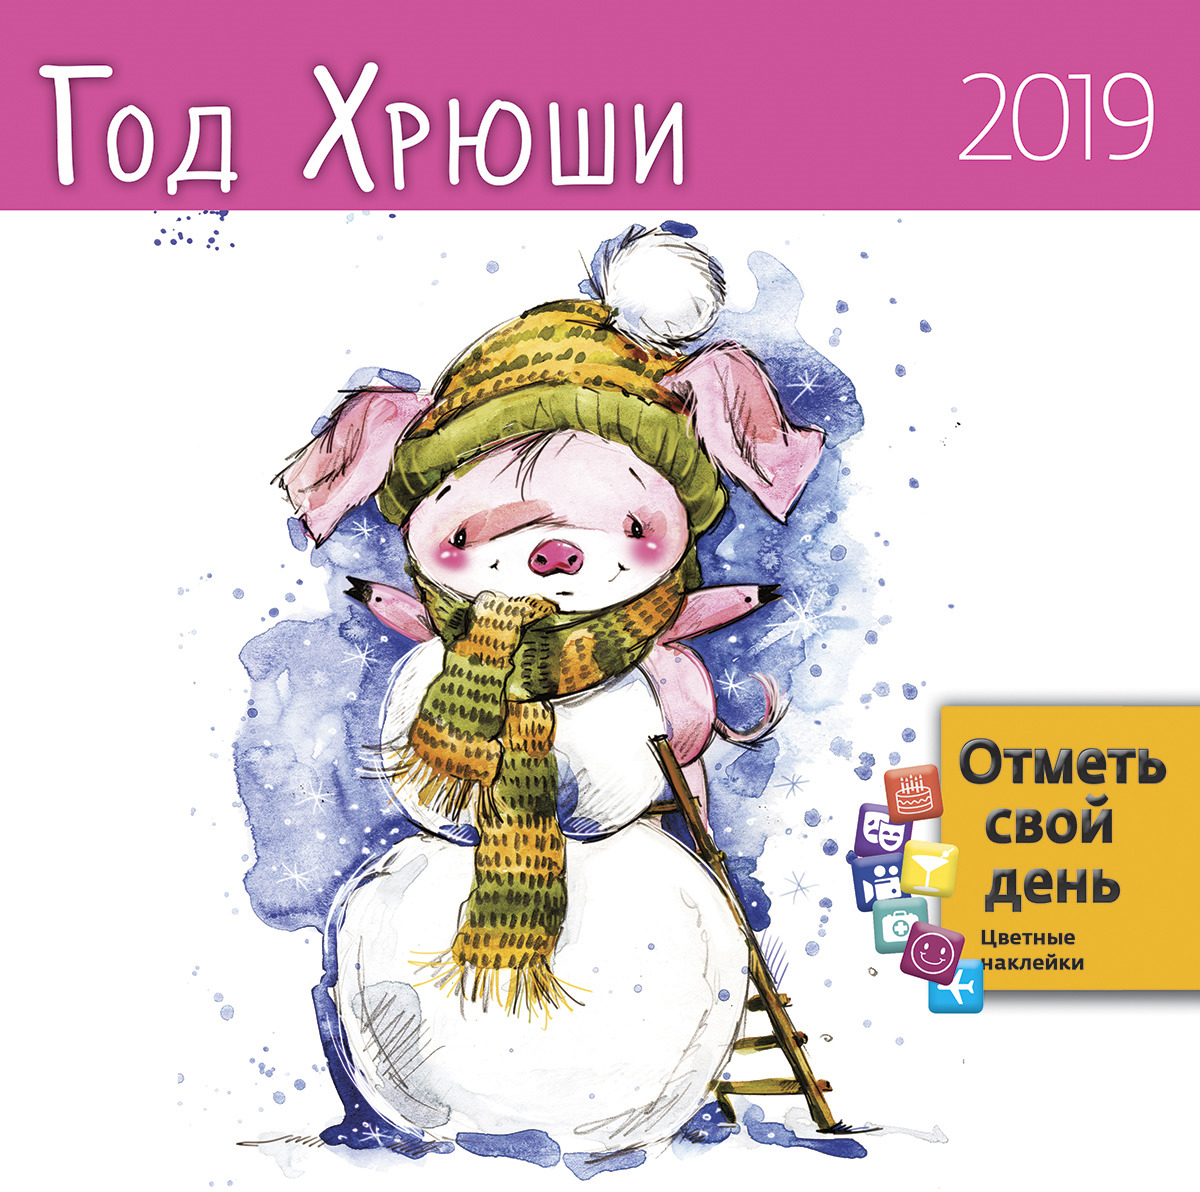 Календарь-органайзер 2019. Символ года. Год Хрюши календарь 58 года